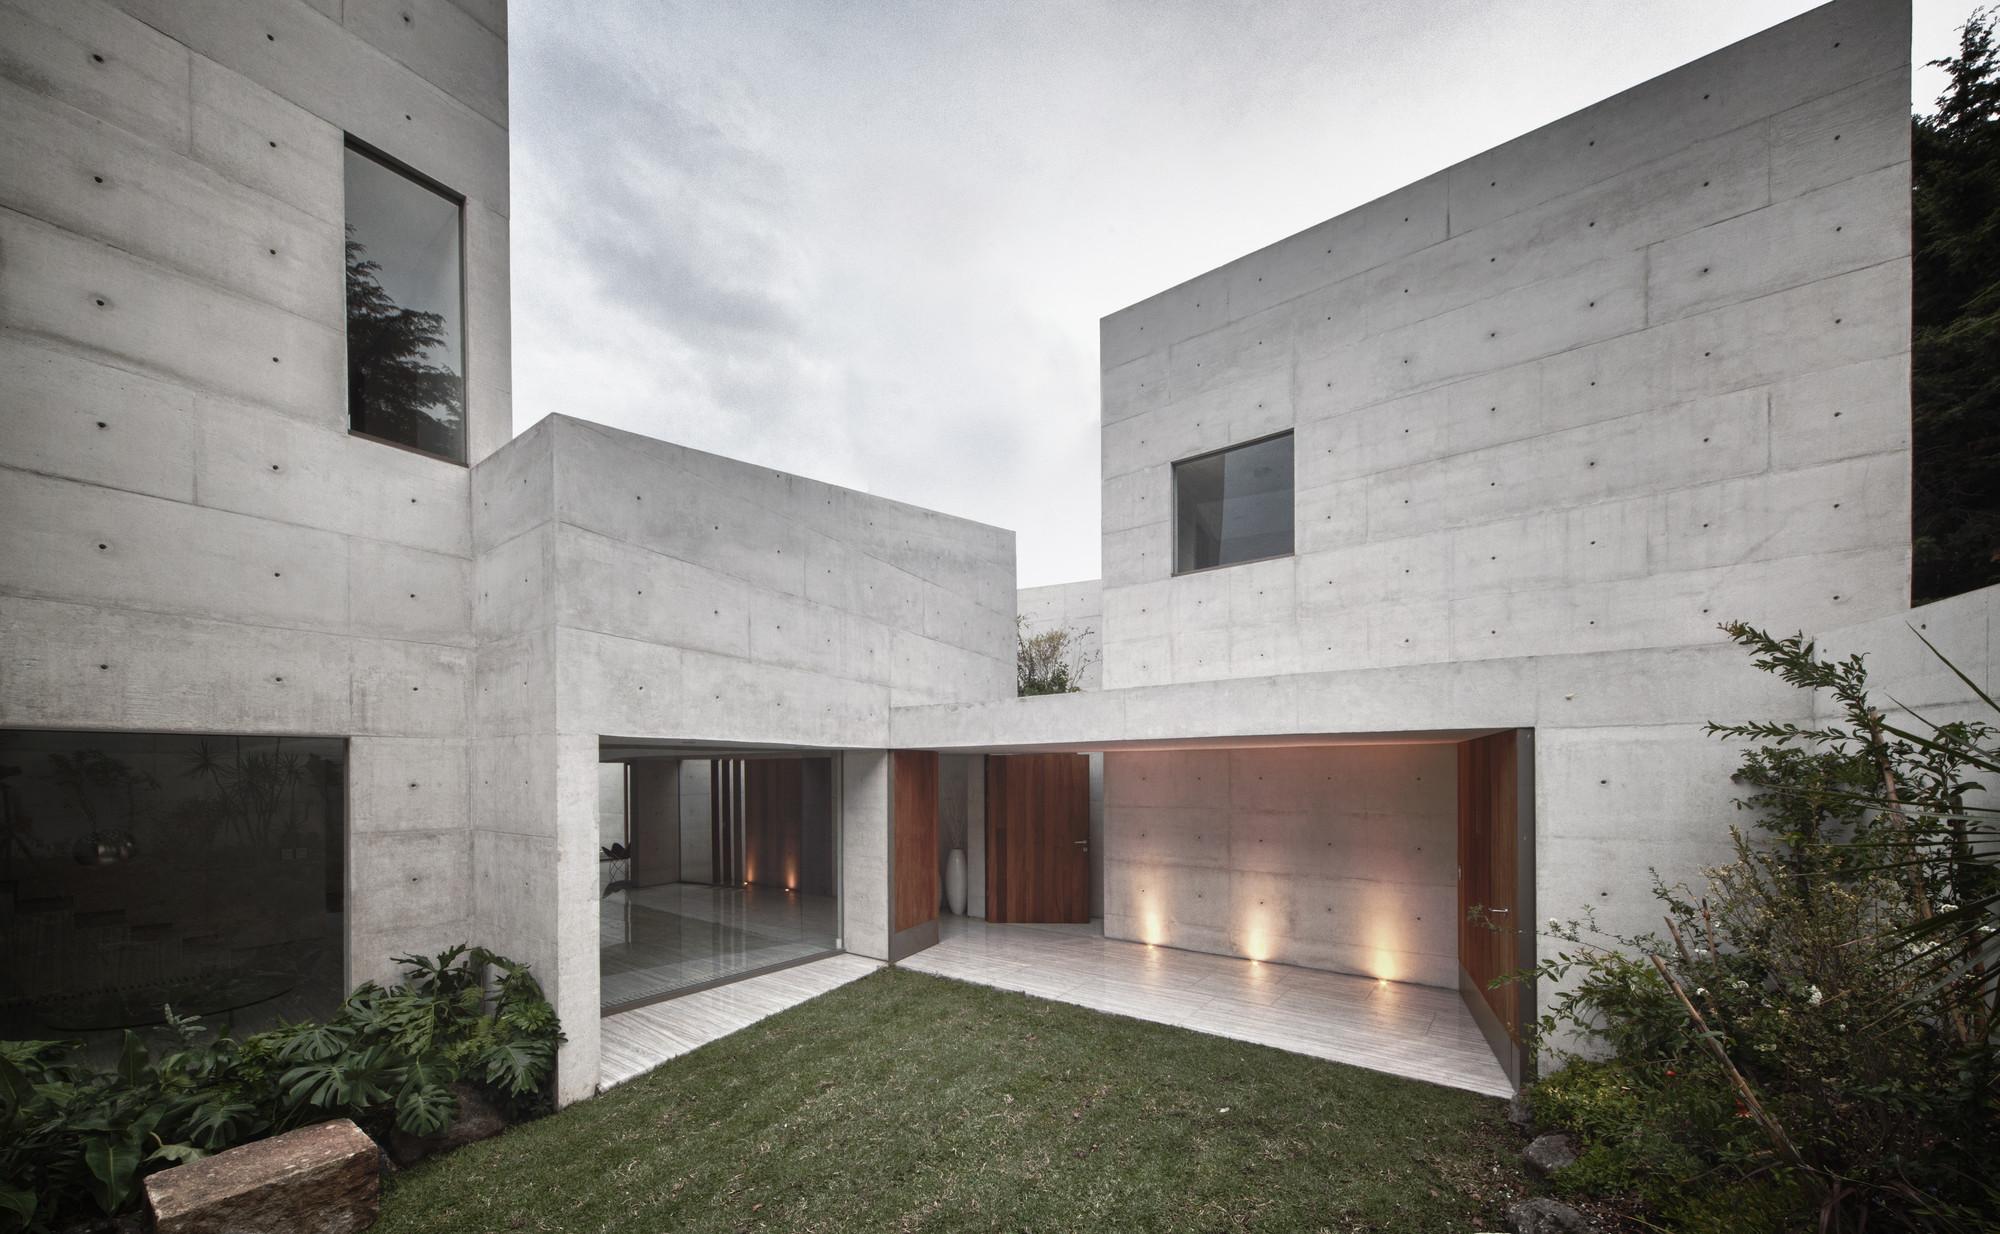 Gallery of cap house estudio mmx 9 for Casas modernas futuristas